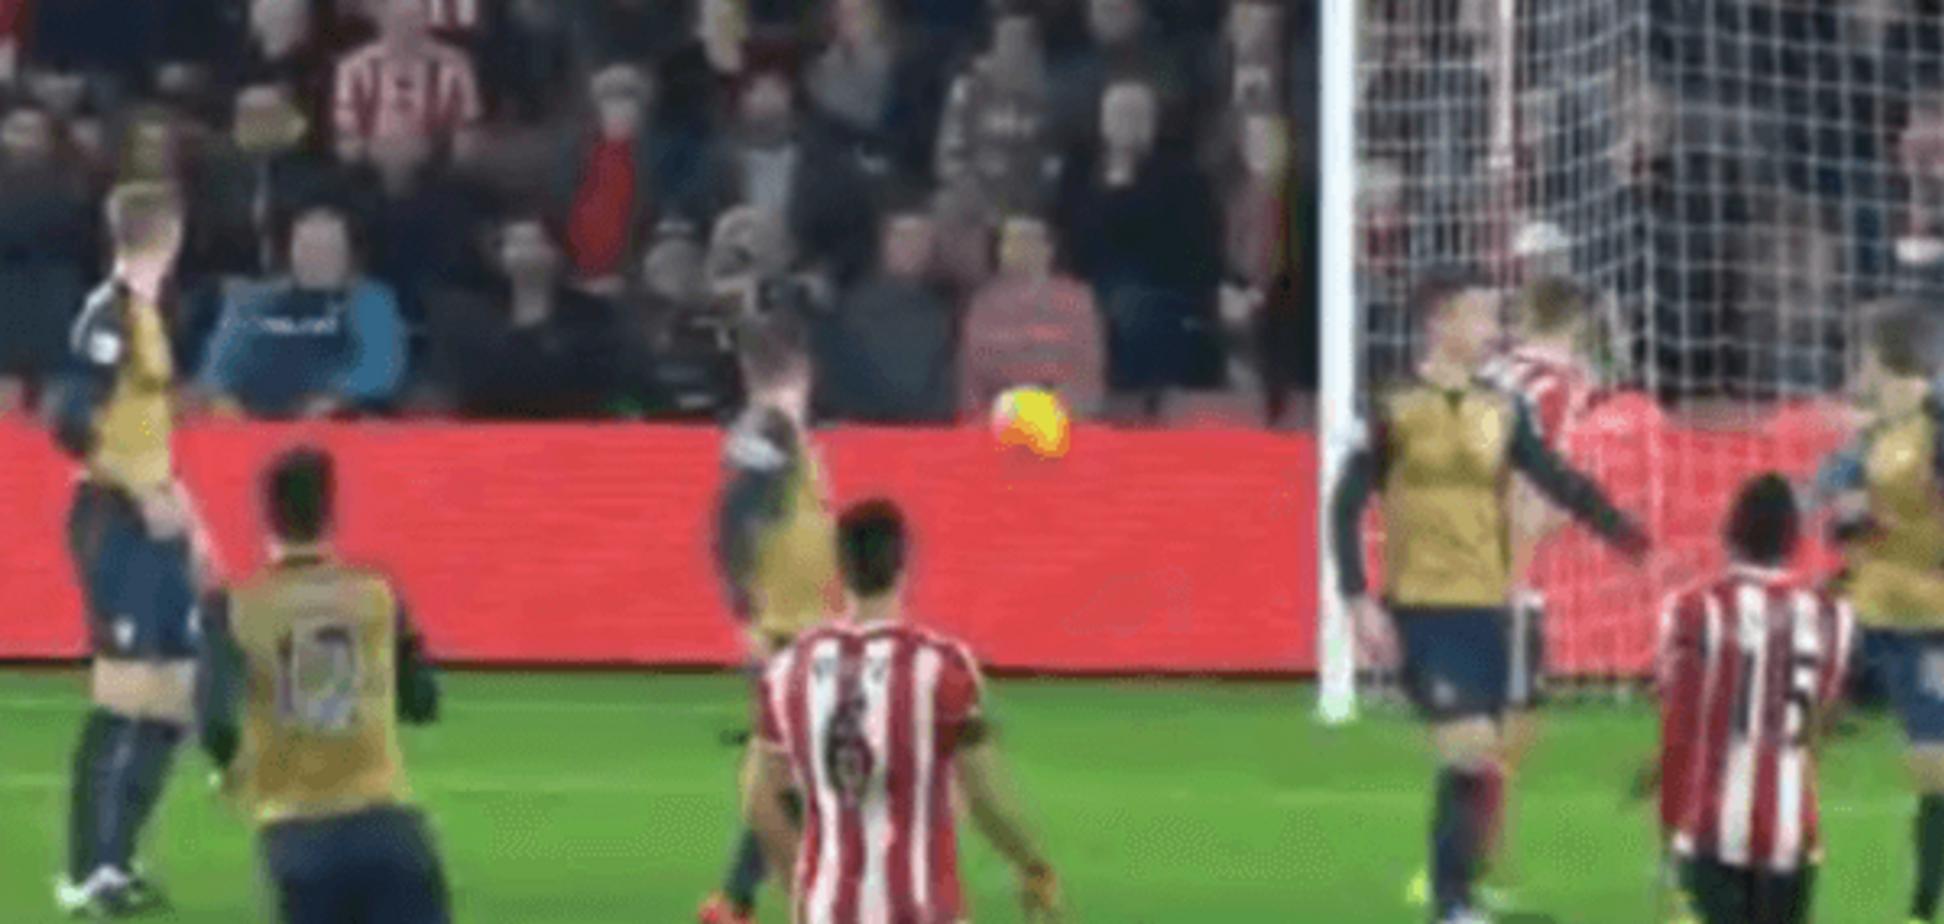 Гол місяці. В Англії футболіст забив фантастичний м'яч 'шведкою': відео шедевра